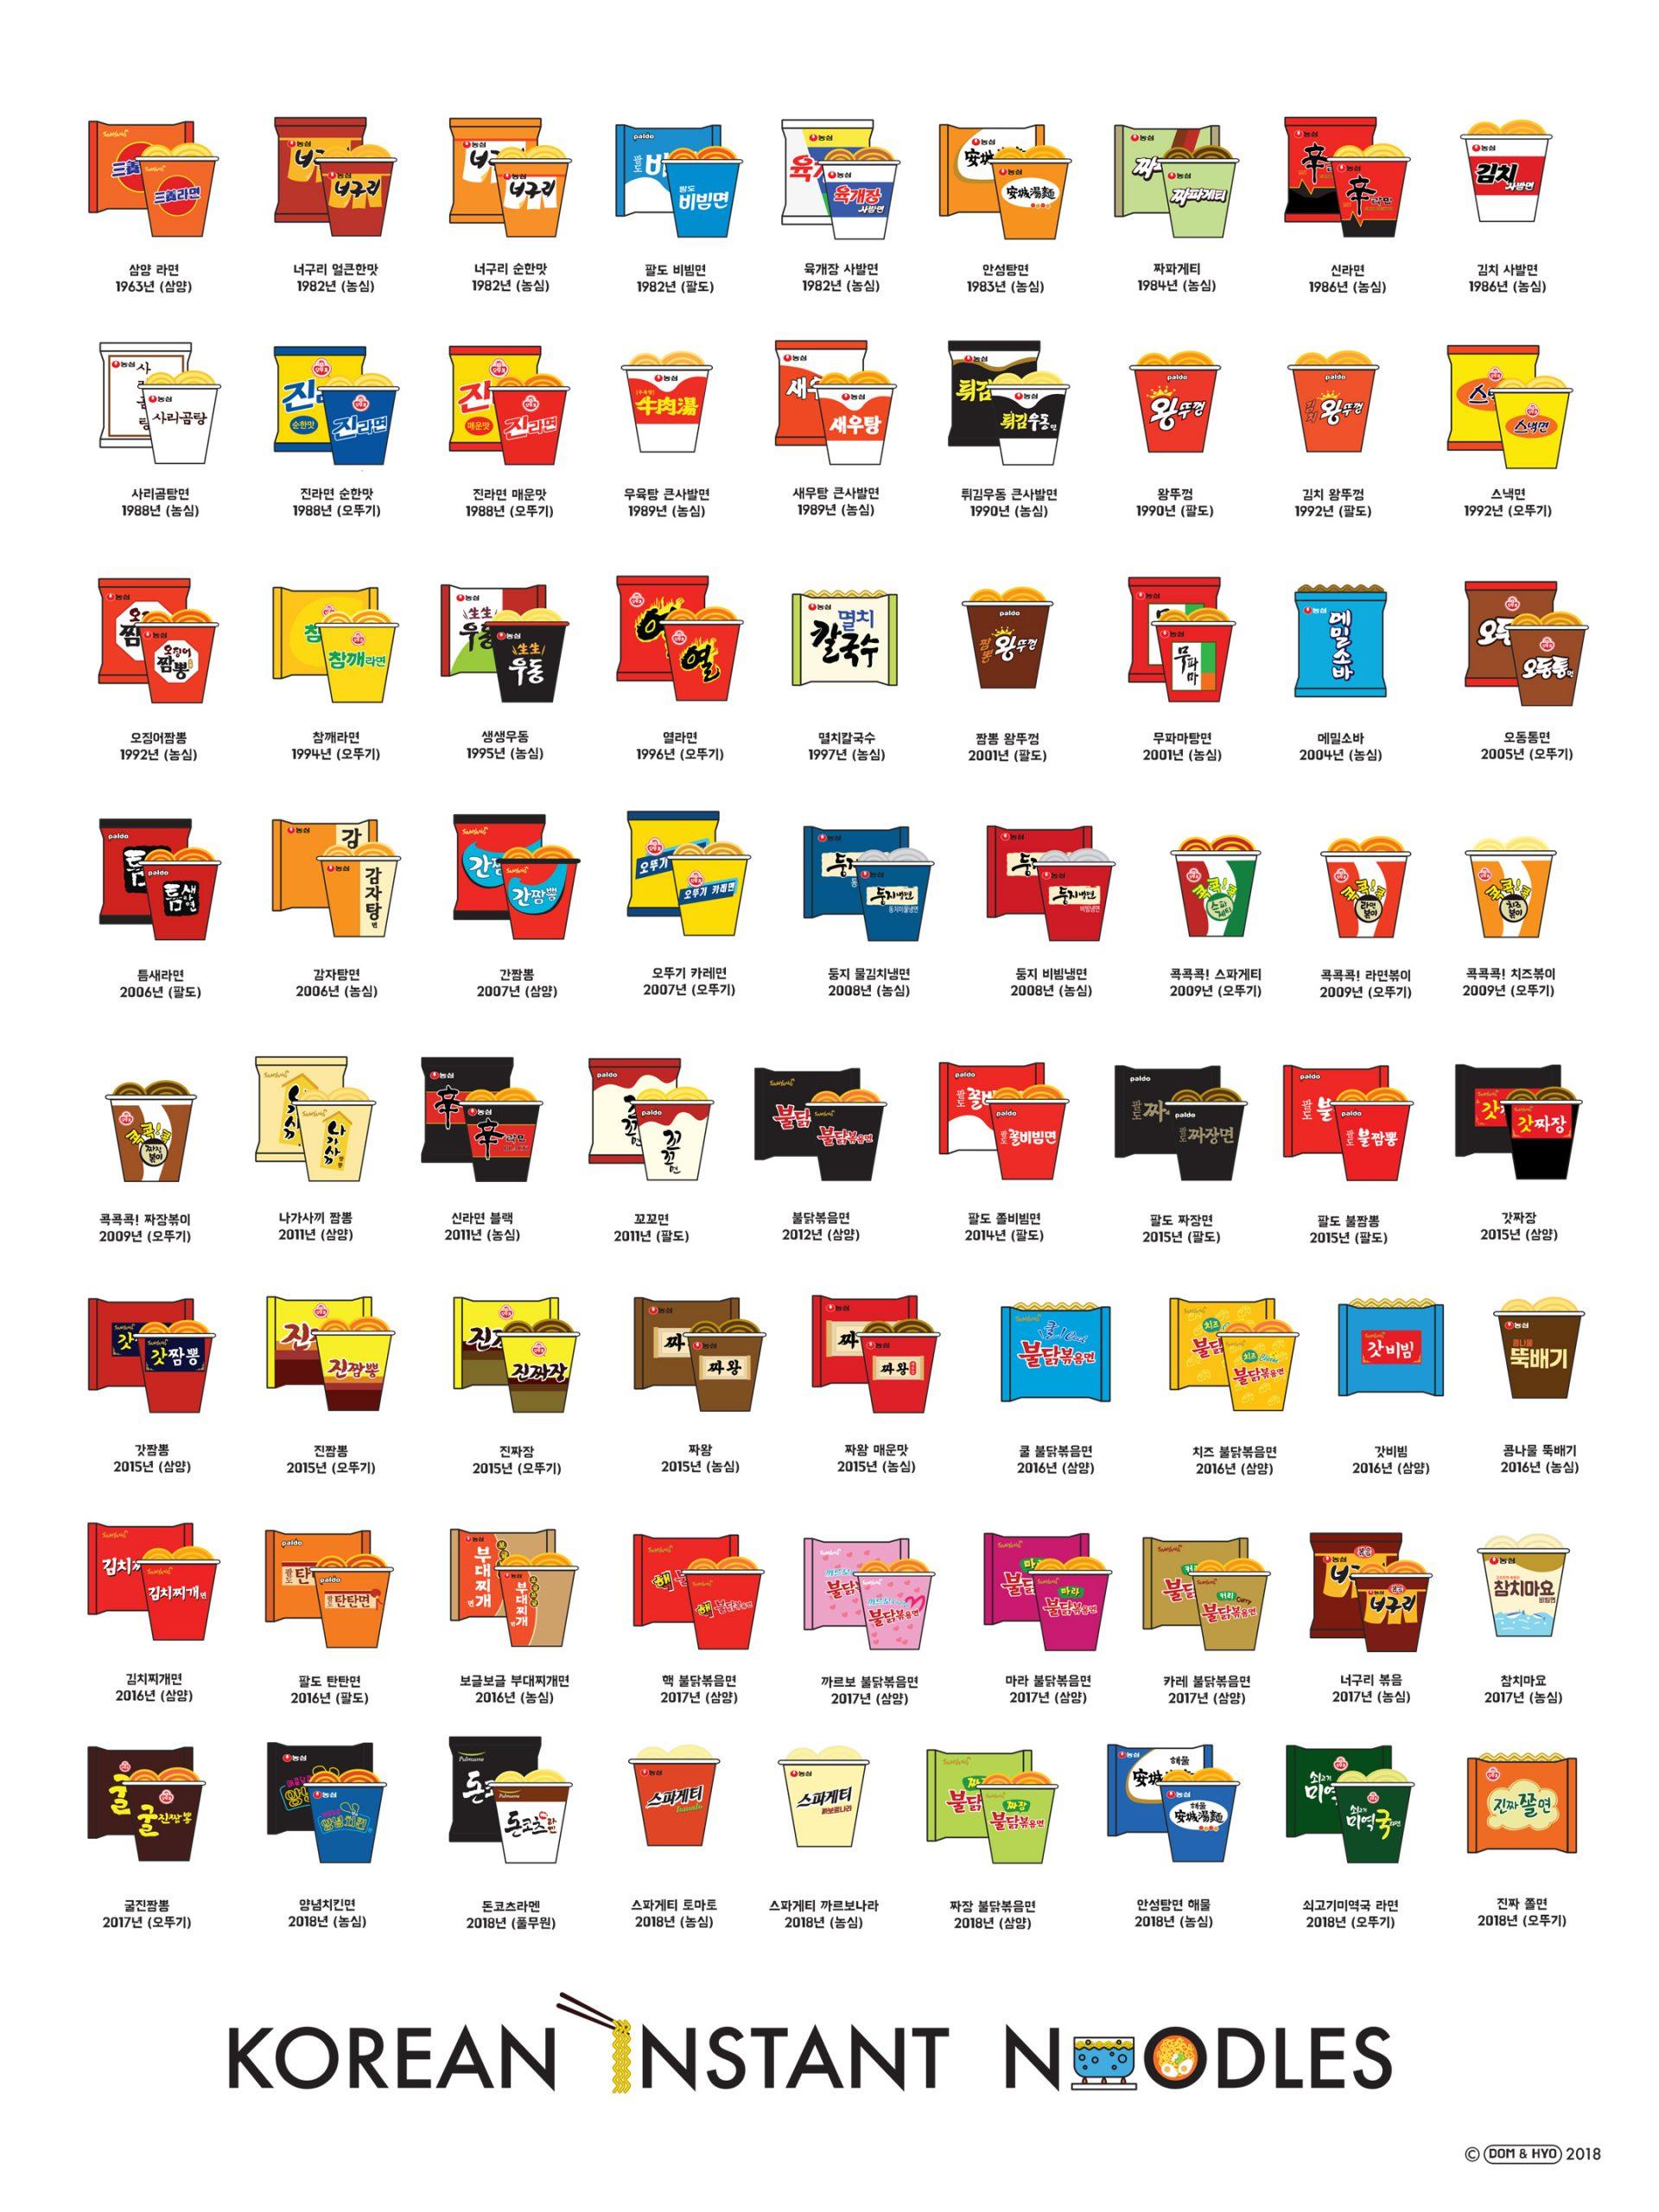 Korean Instant Noodles Chart